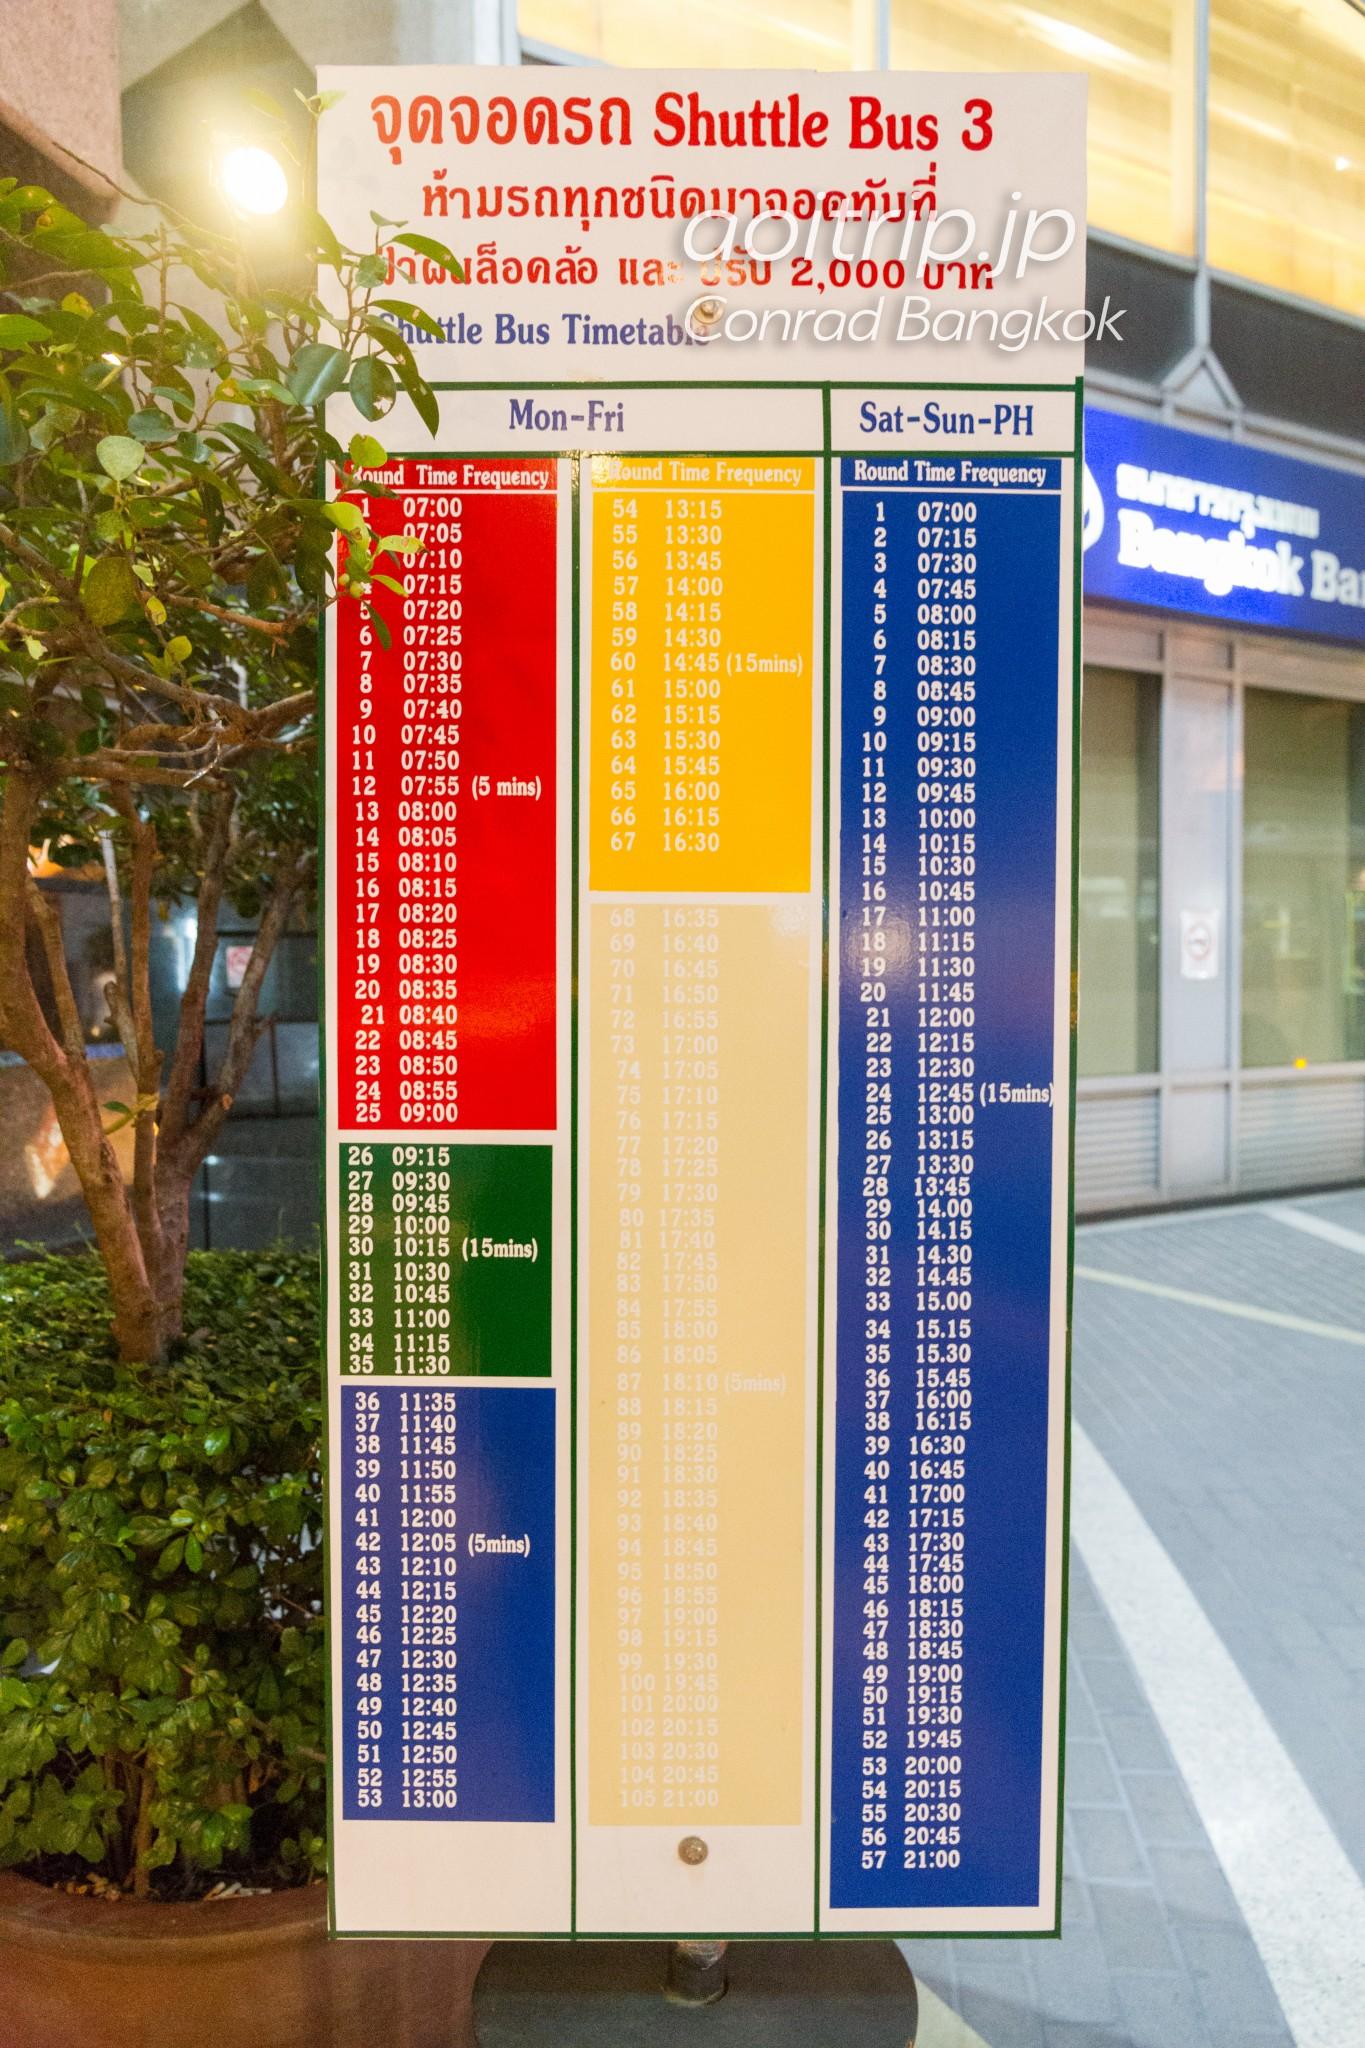 コンラッドバンコク シャトルバス 時刻表